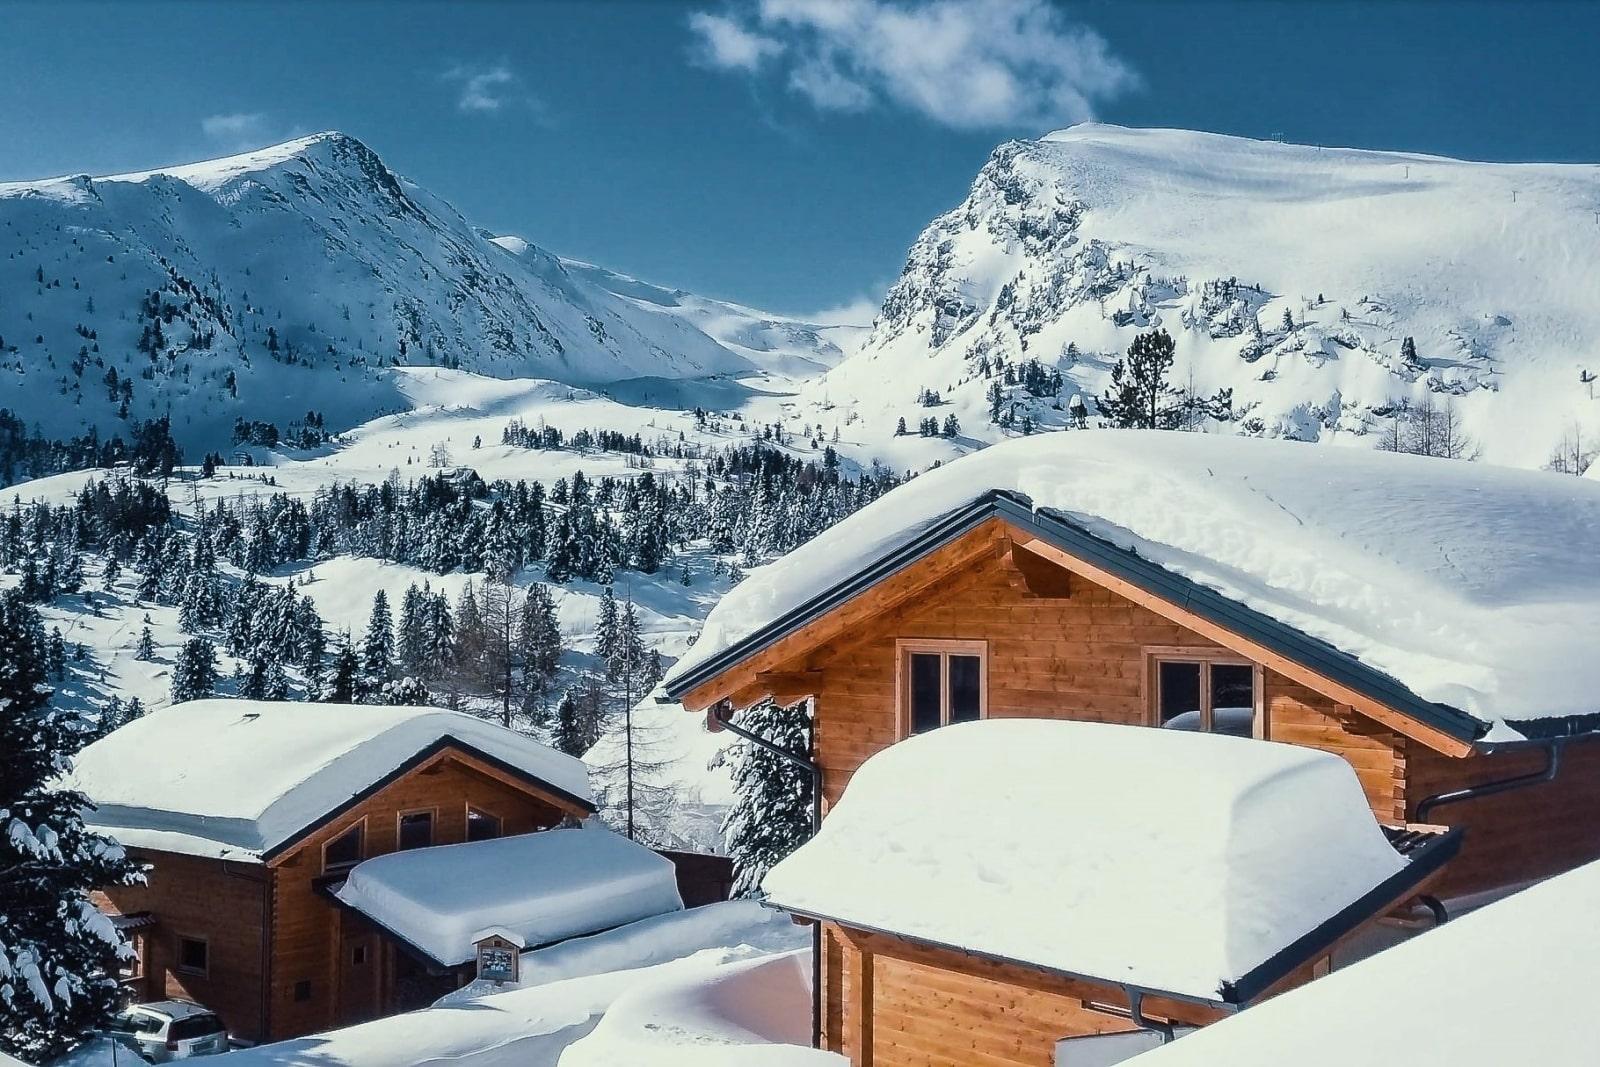 Heidi-Chalet-Falkert-Heidialm-Bergwinter-Ski-Piste-Rodresnock-Falkertspitz